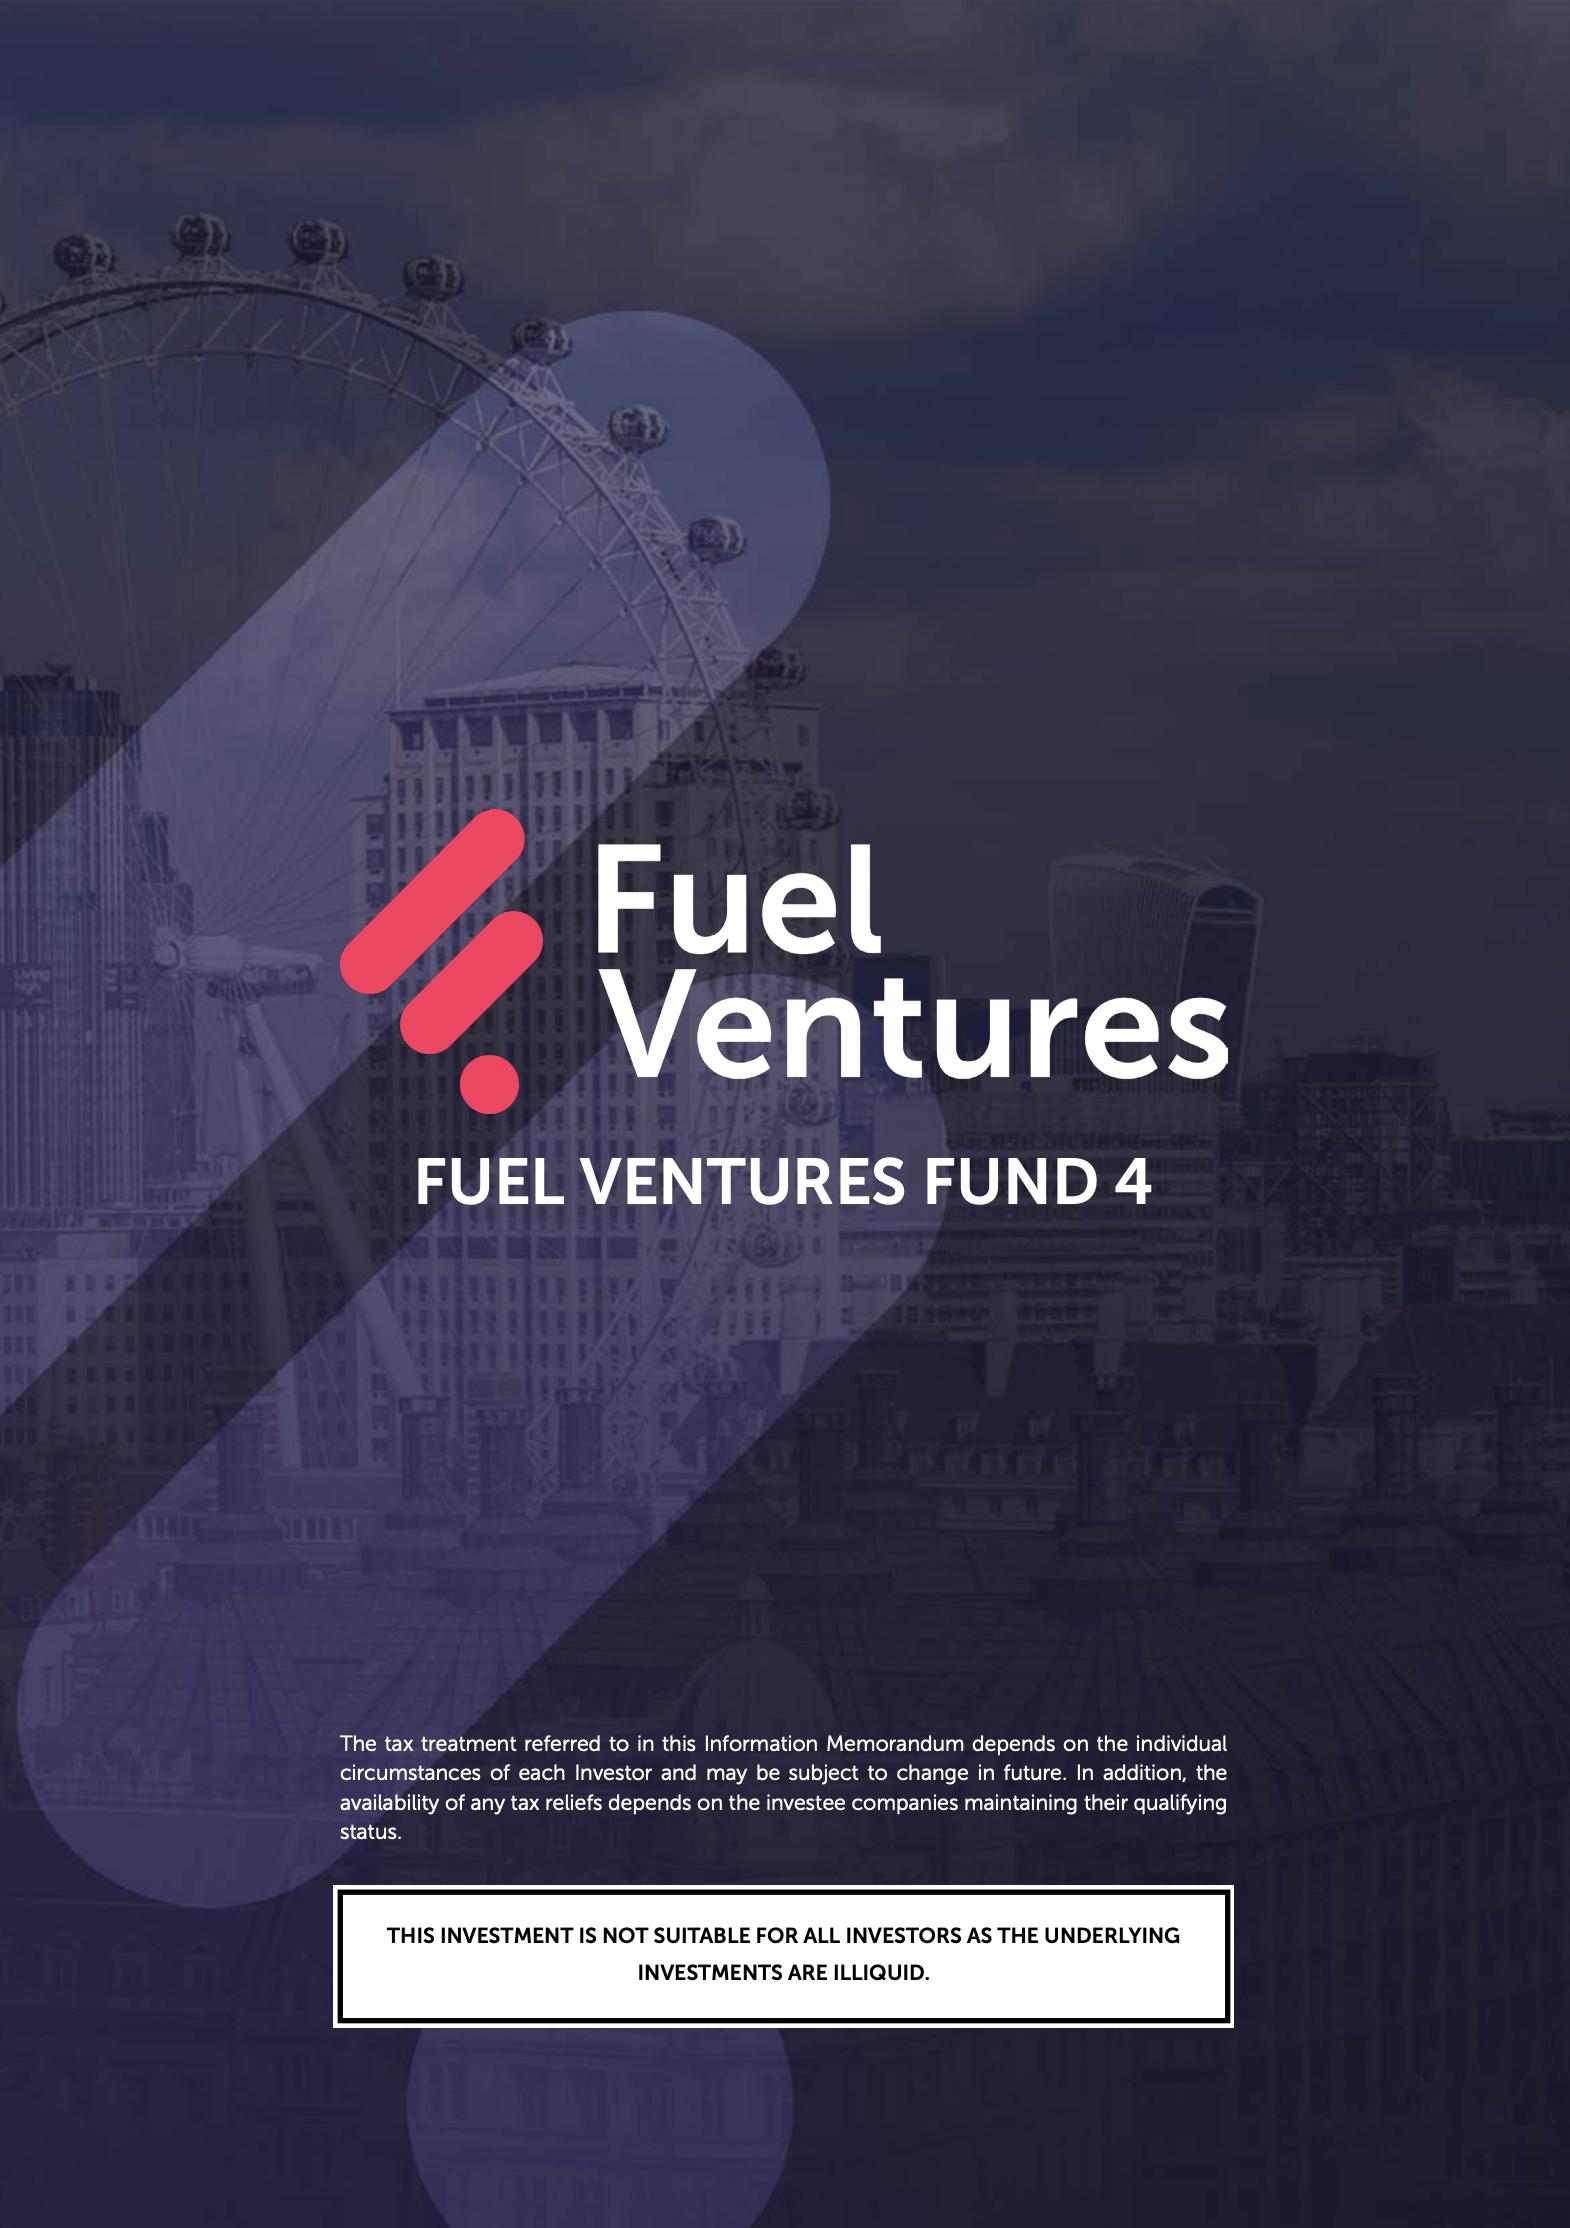 Fuel Ventures Fund